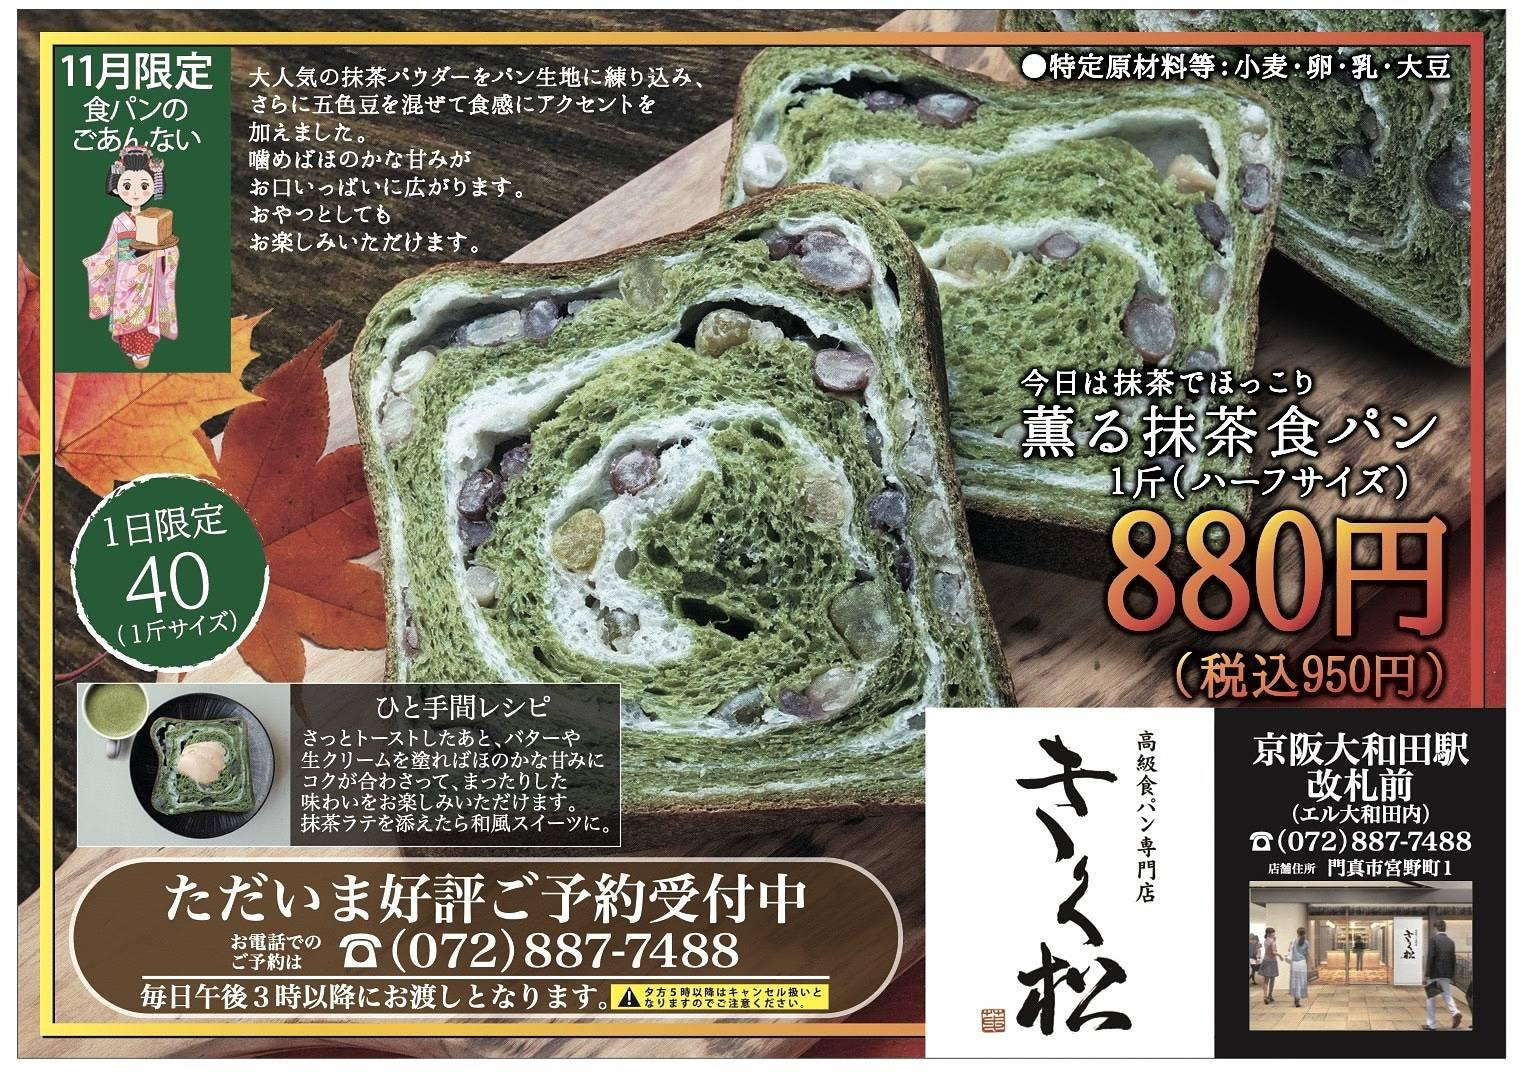 11月の限定食パンは【今日は抹茶でほっこり 薫る抹茶食パン】